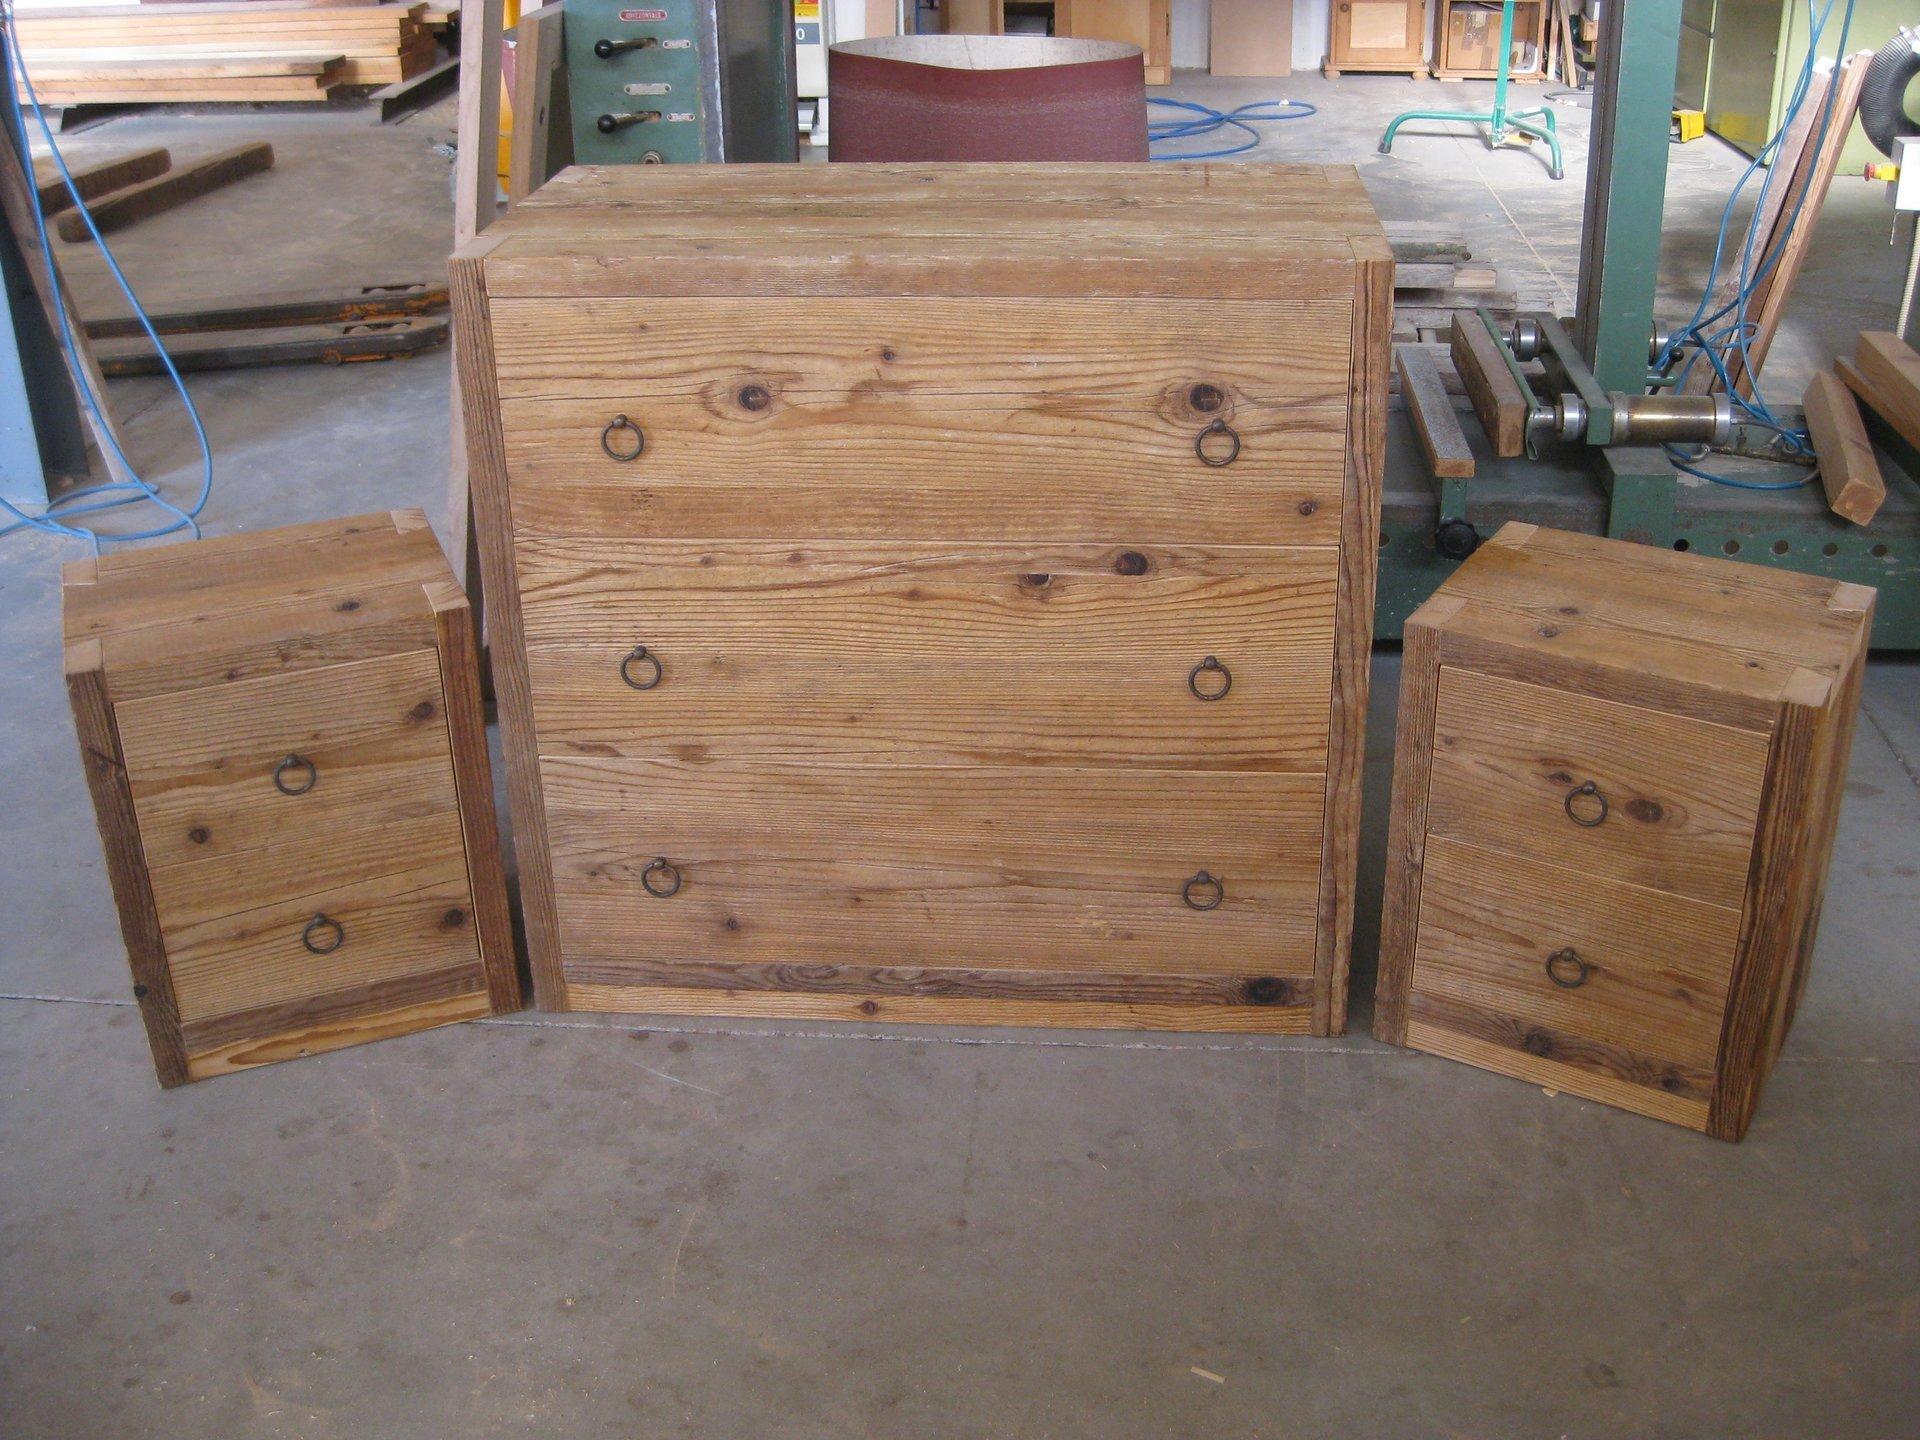 Le mani di Carpenter in primo piano utilizzando il livello dell'utensile